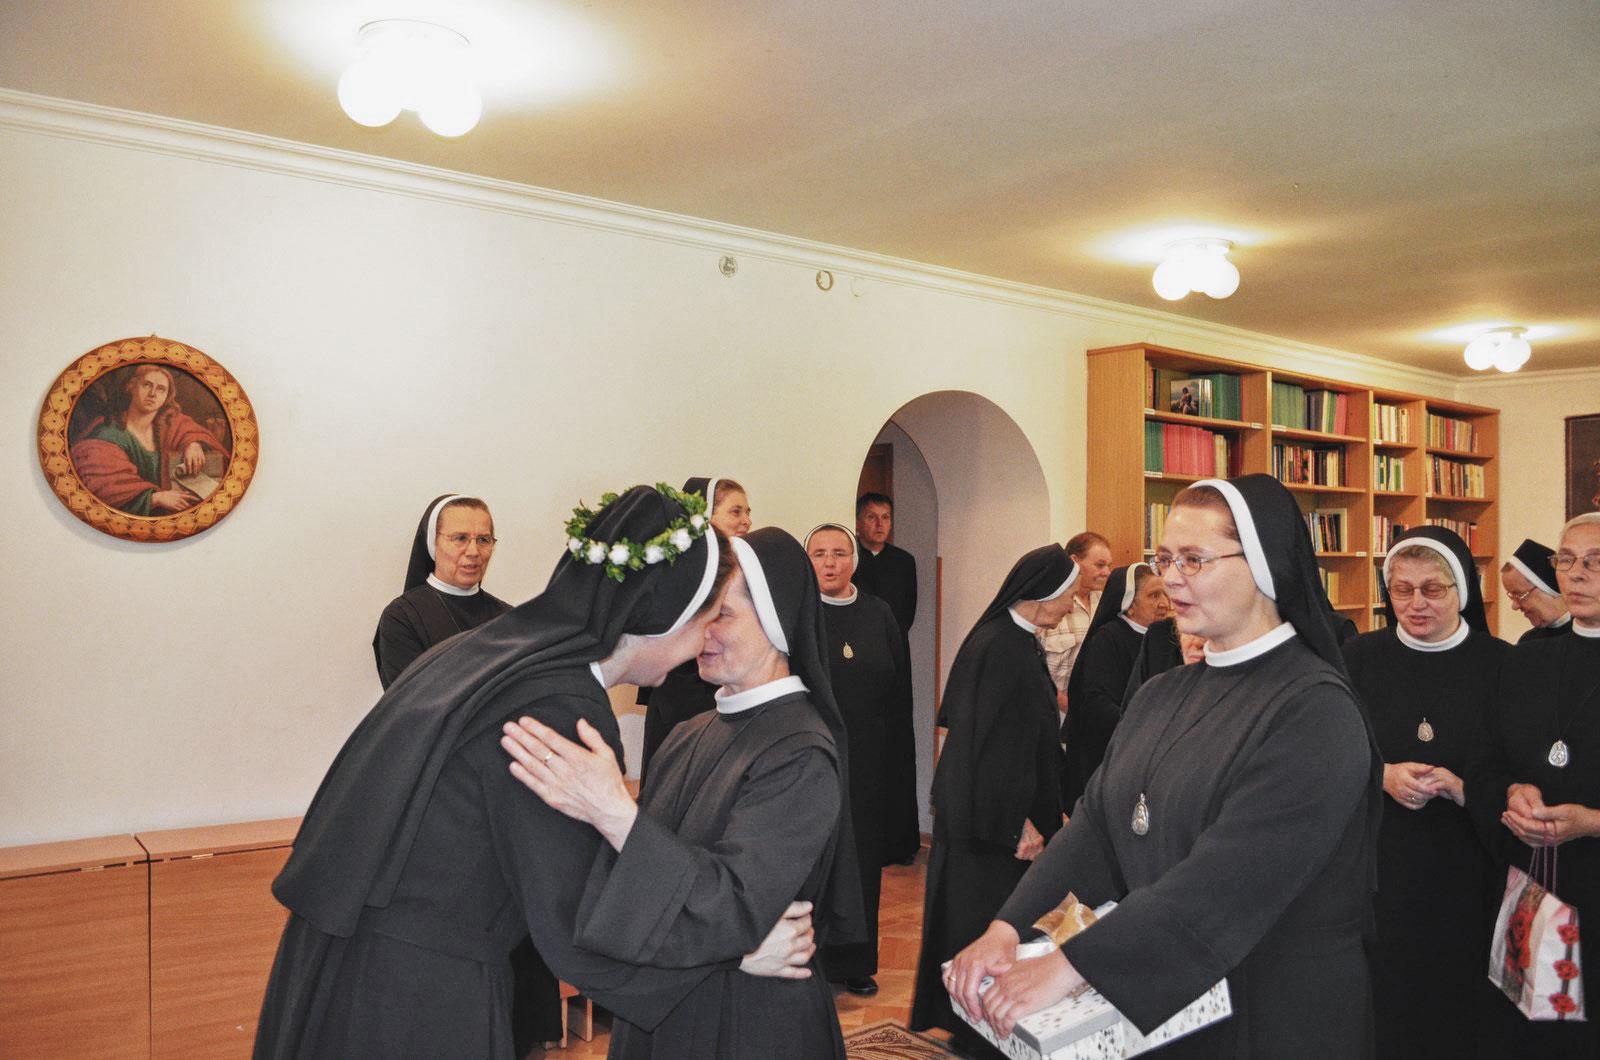 Sióstr_św_Elżbiety-Pierwsze_Śluby_fotorelacja-I-SLUBY-DSC_0609-min.jpg